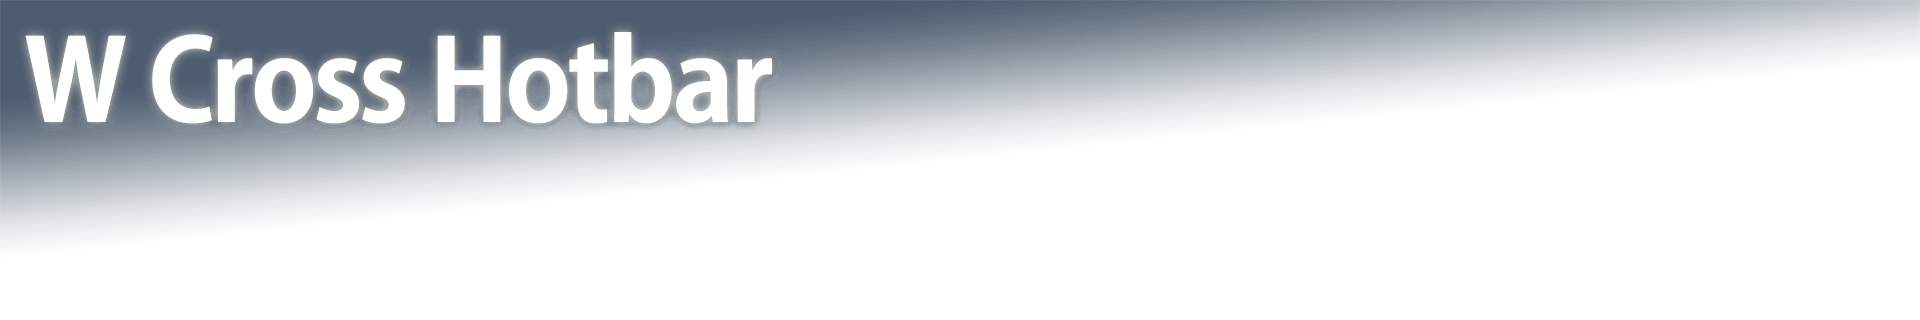 W Cross Hotbar